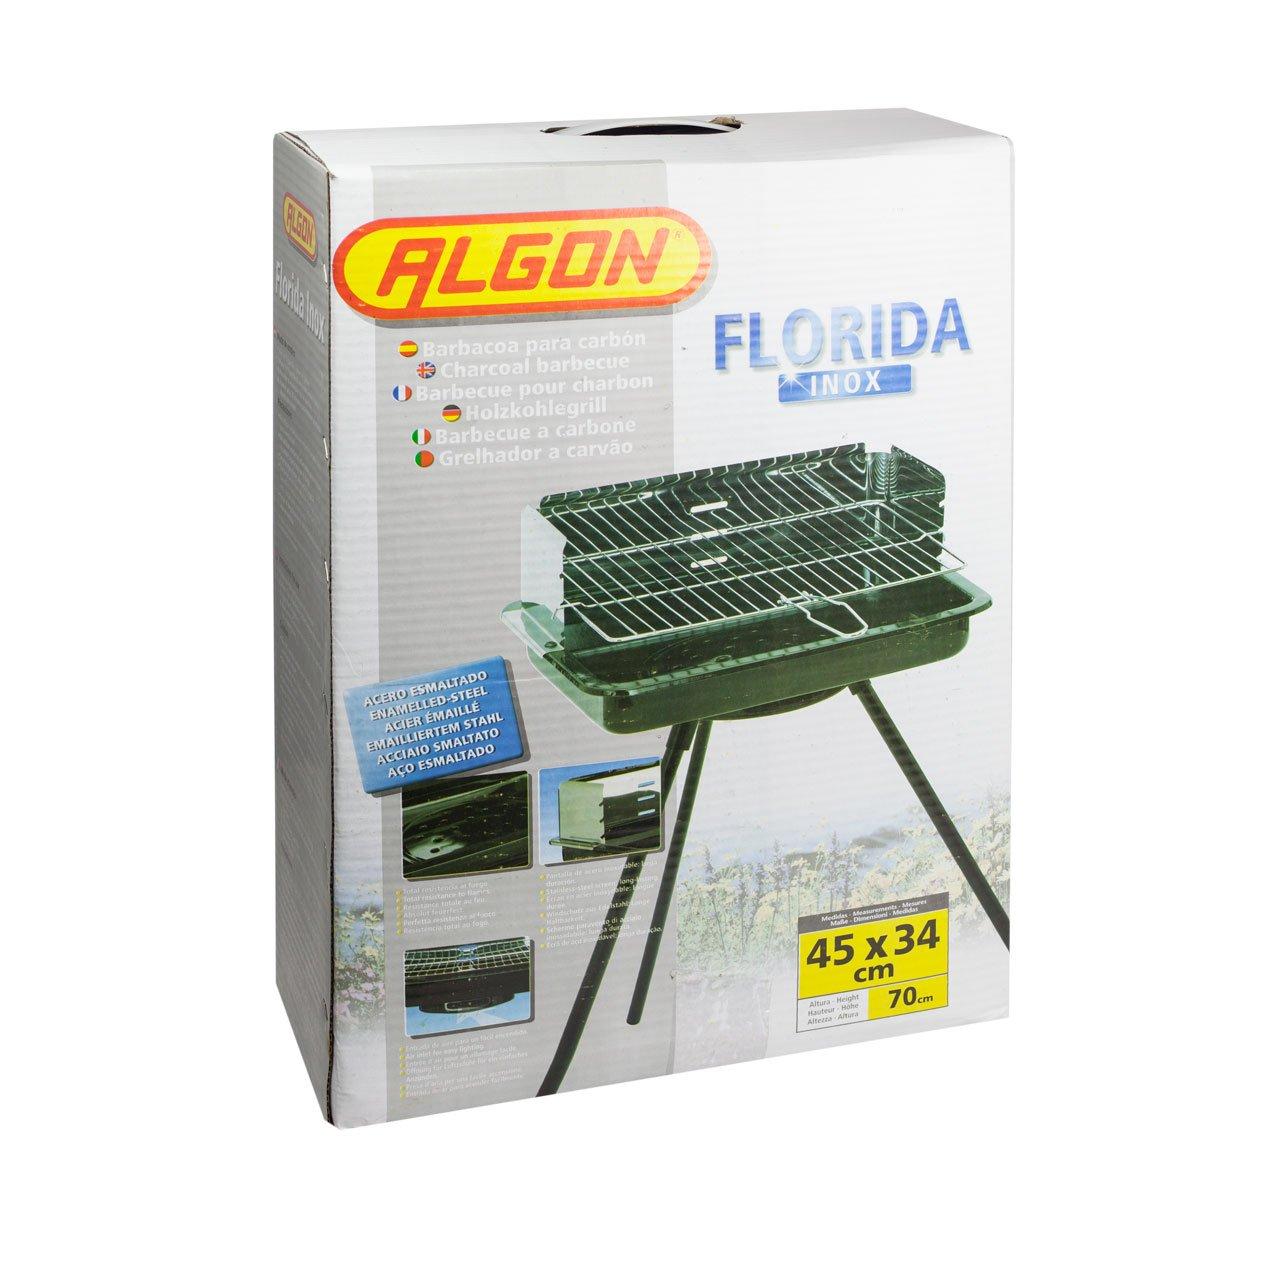 Algon Barbacoa Florida Inox - 45 x 34 cm, altura 70 cm, color negro: Amazon.es: Jardín